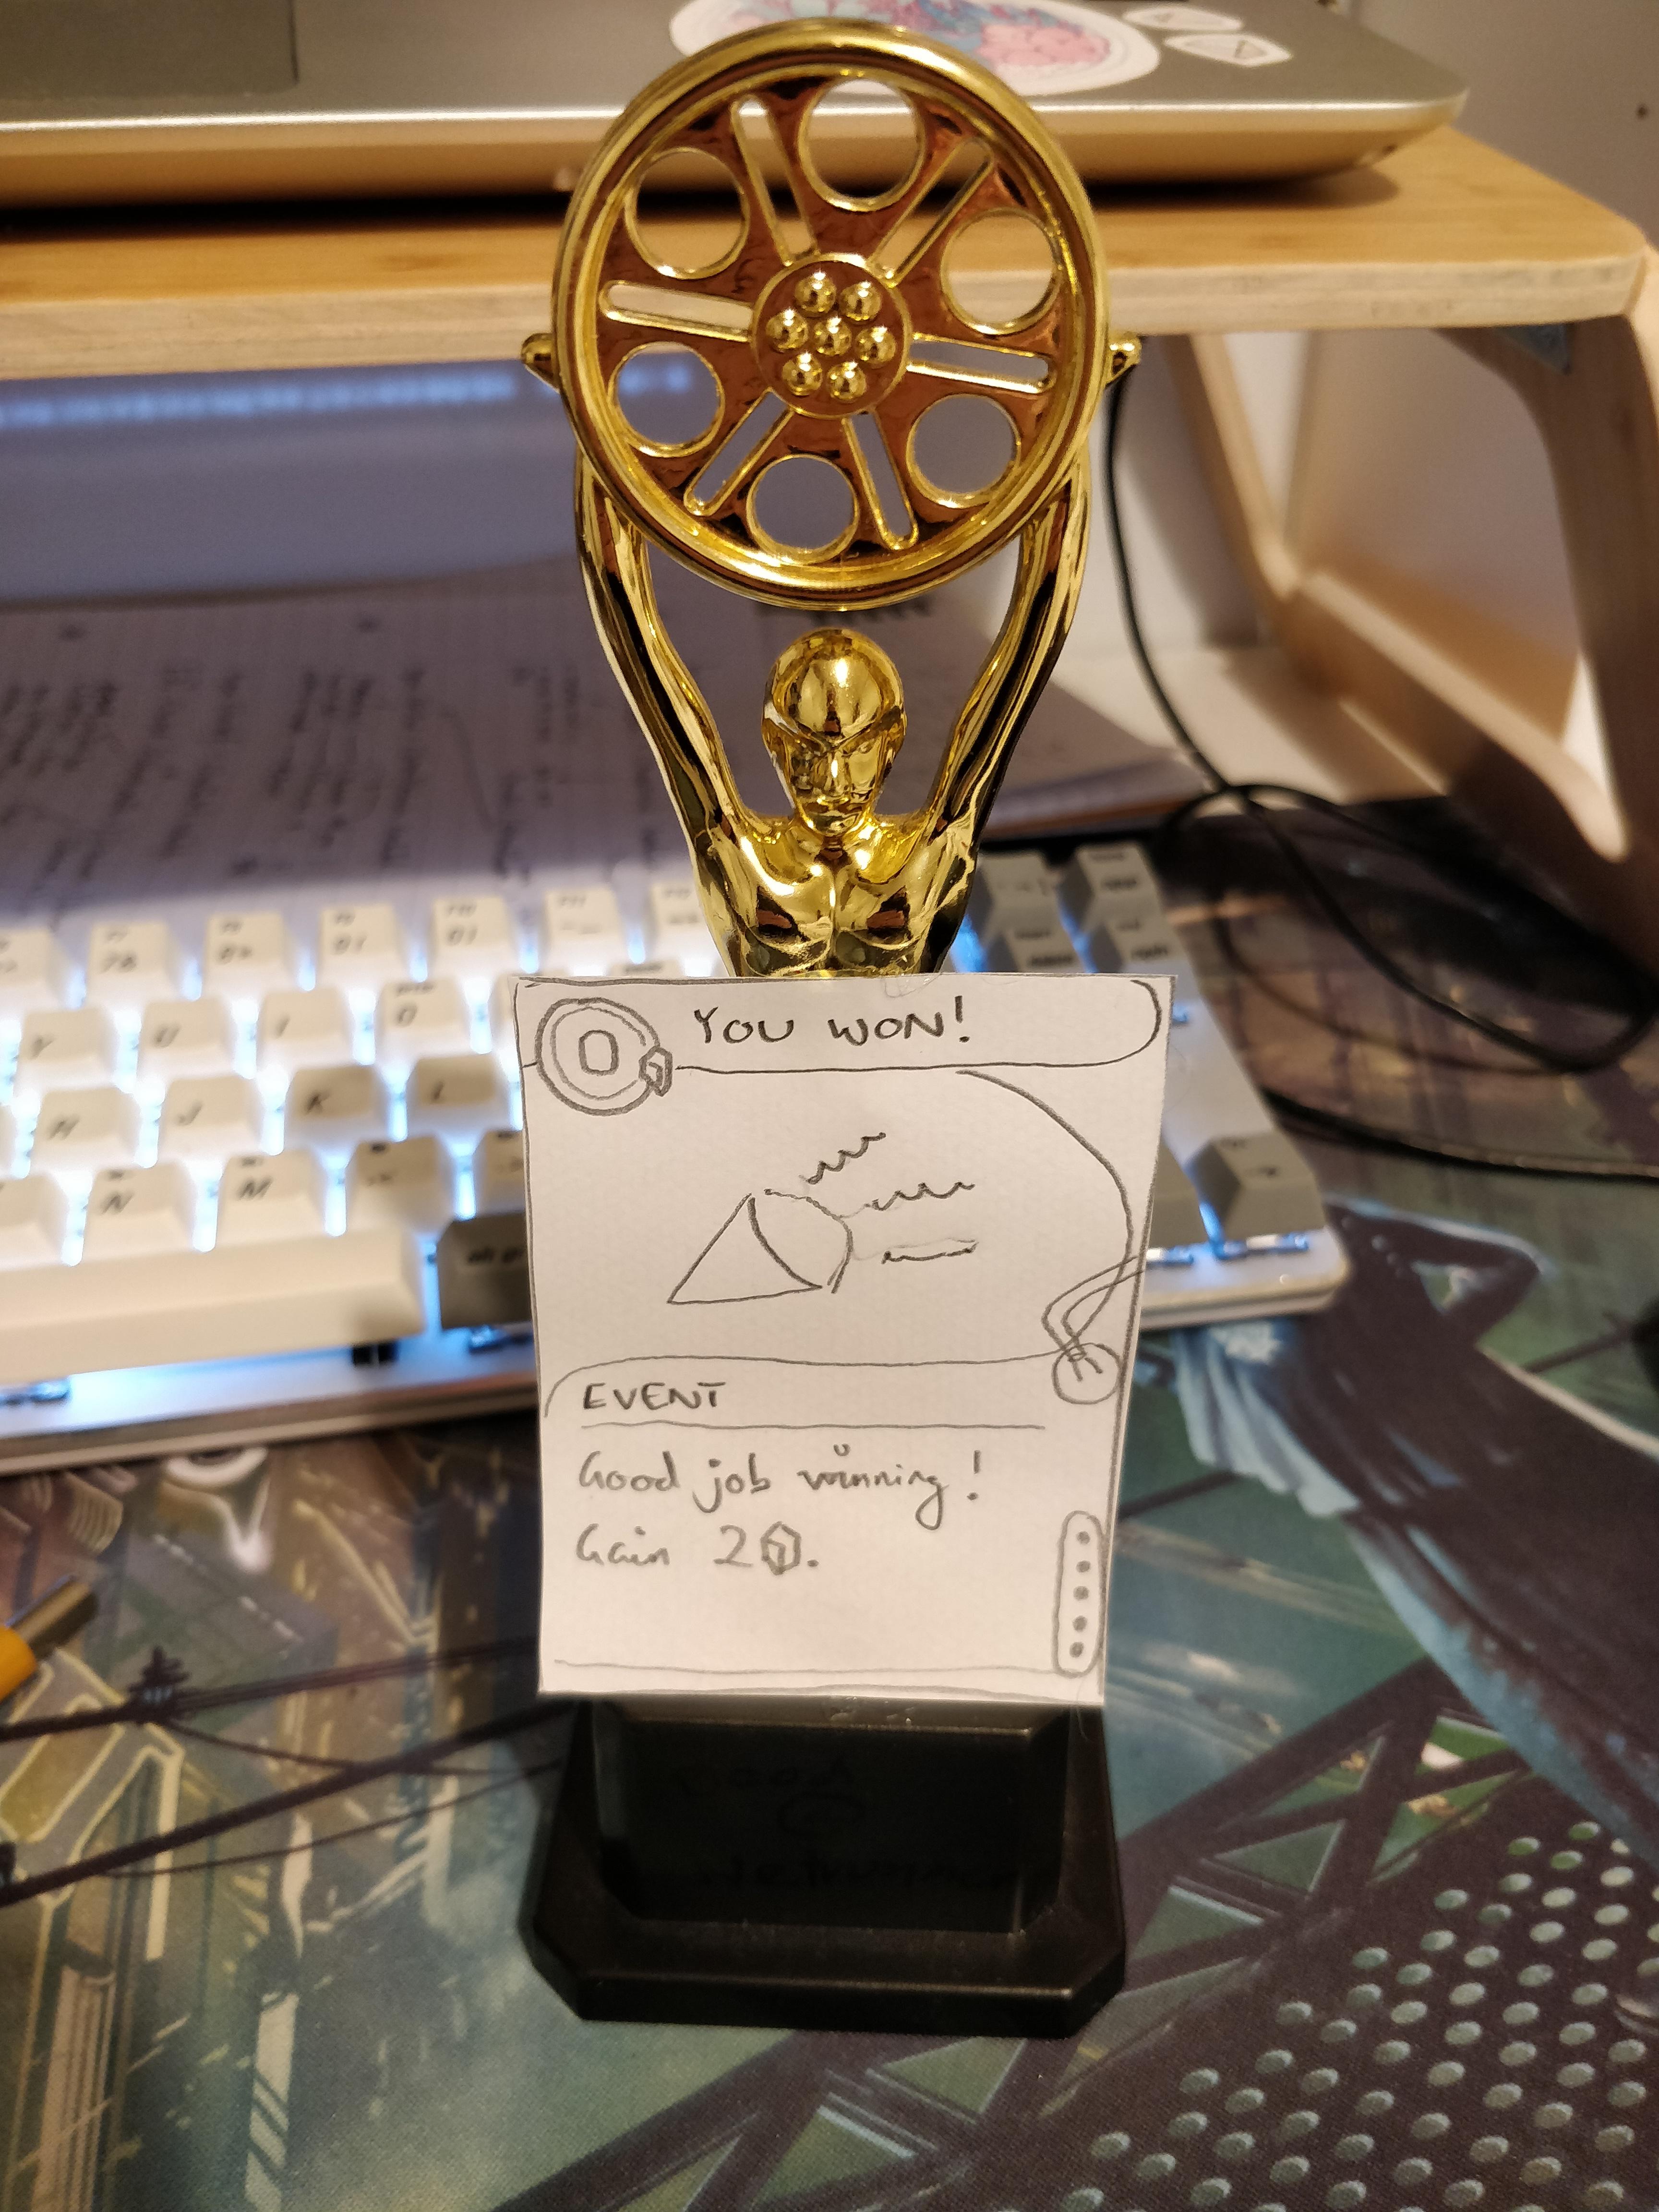 netrunner trophy